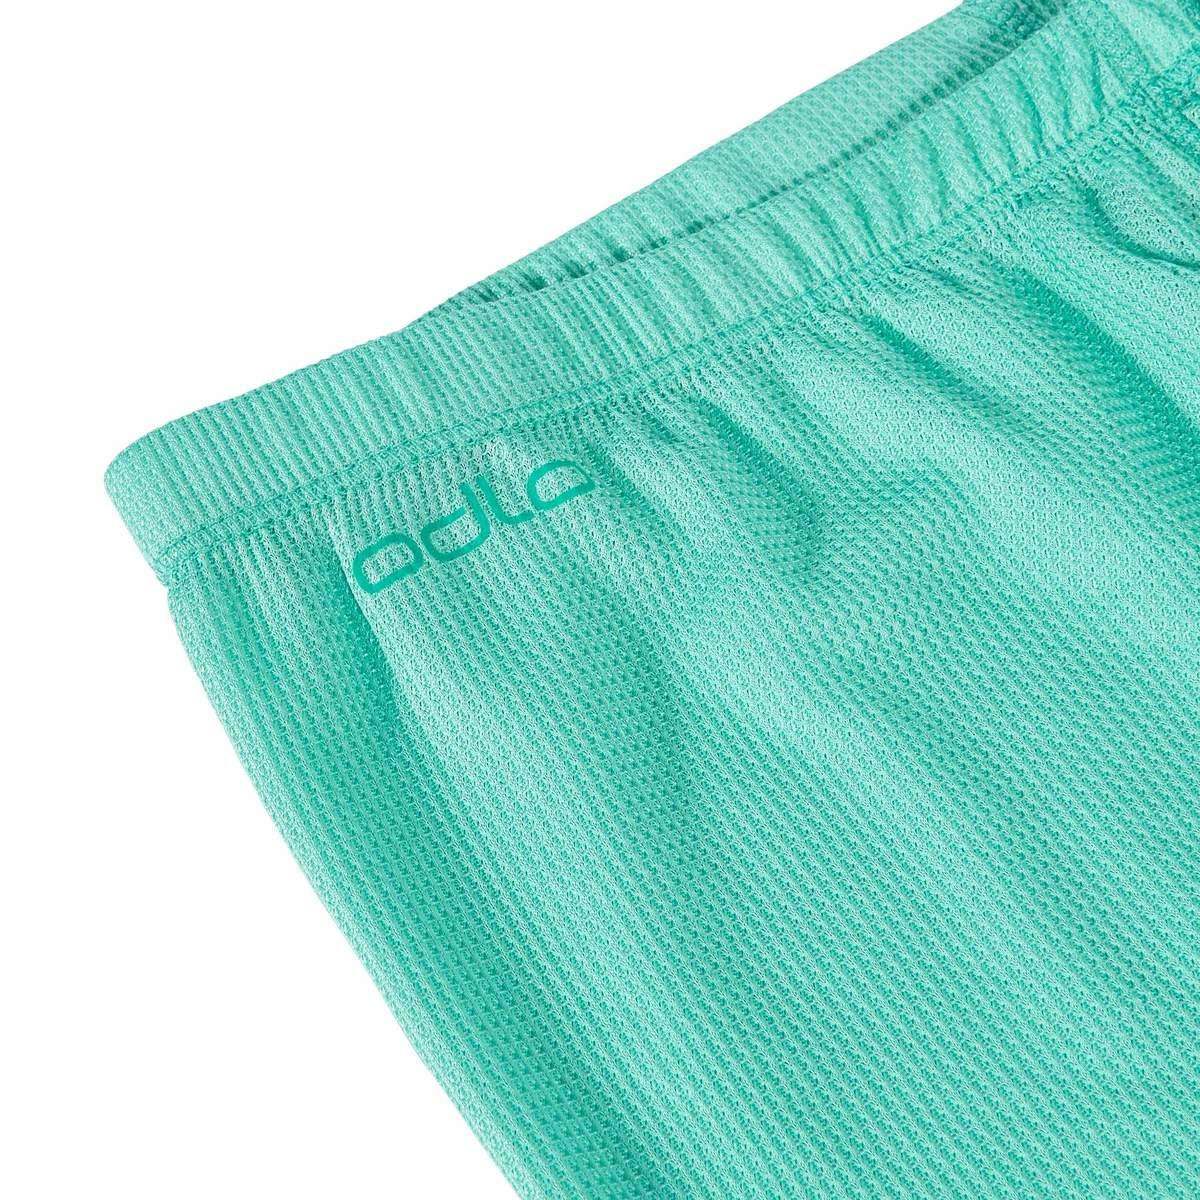 Bild 3 von Odlo Light Cubic Panty Frauen - Funktionsunterwäsche